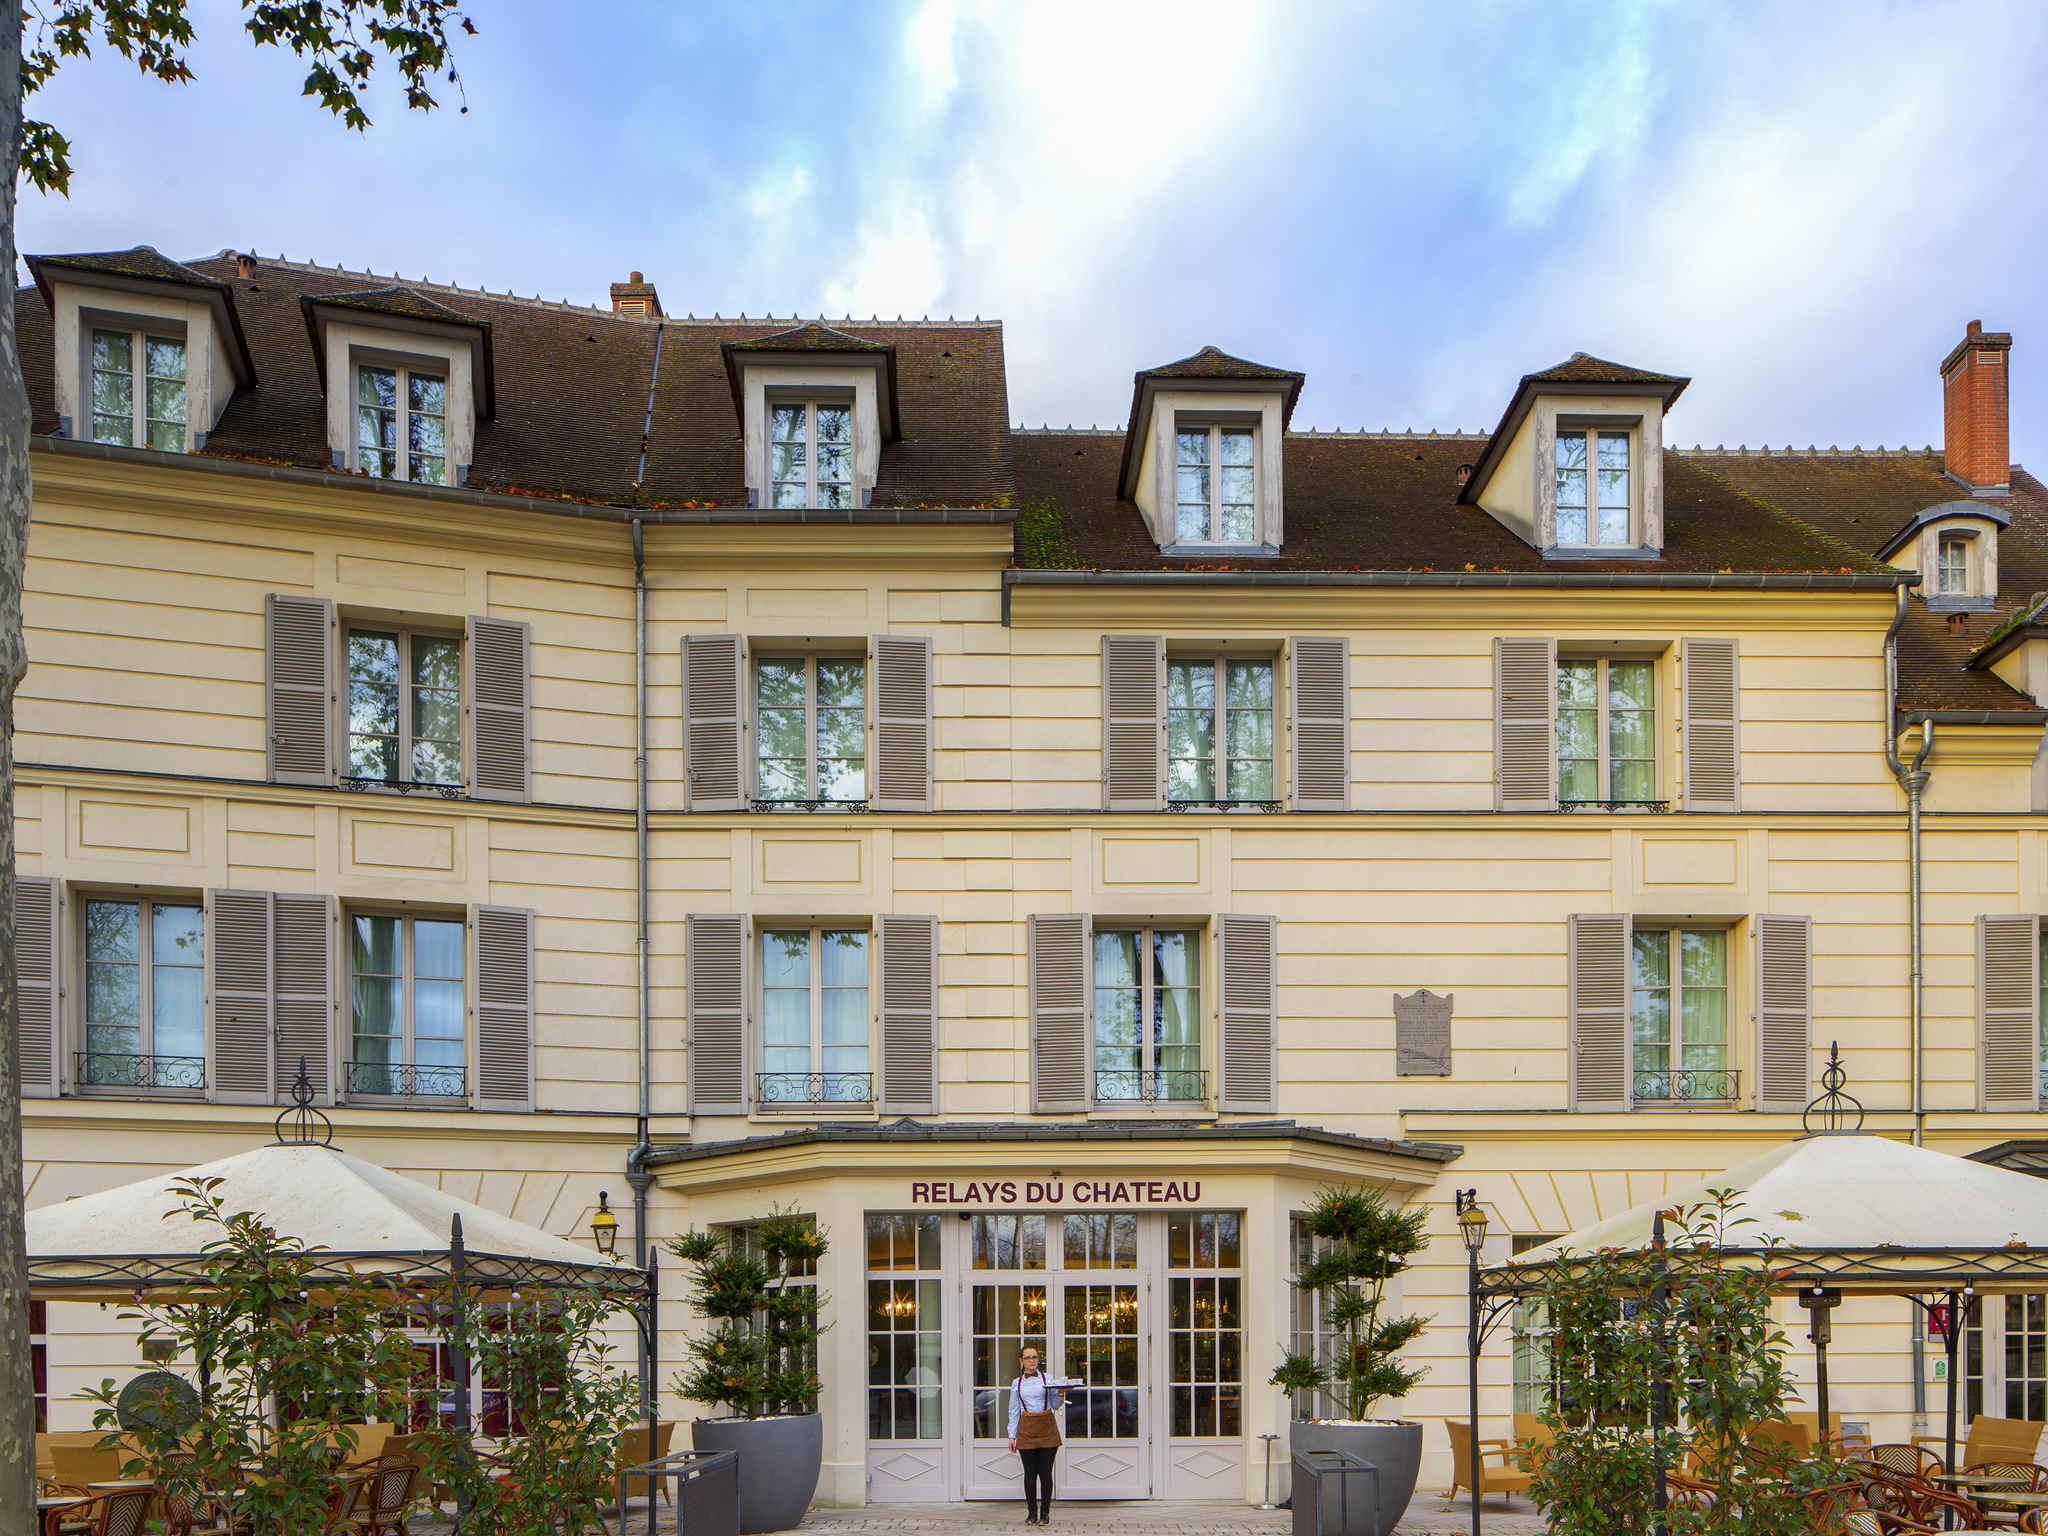 Hotel – Albergo Mercure Rambouillet Relays du Château